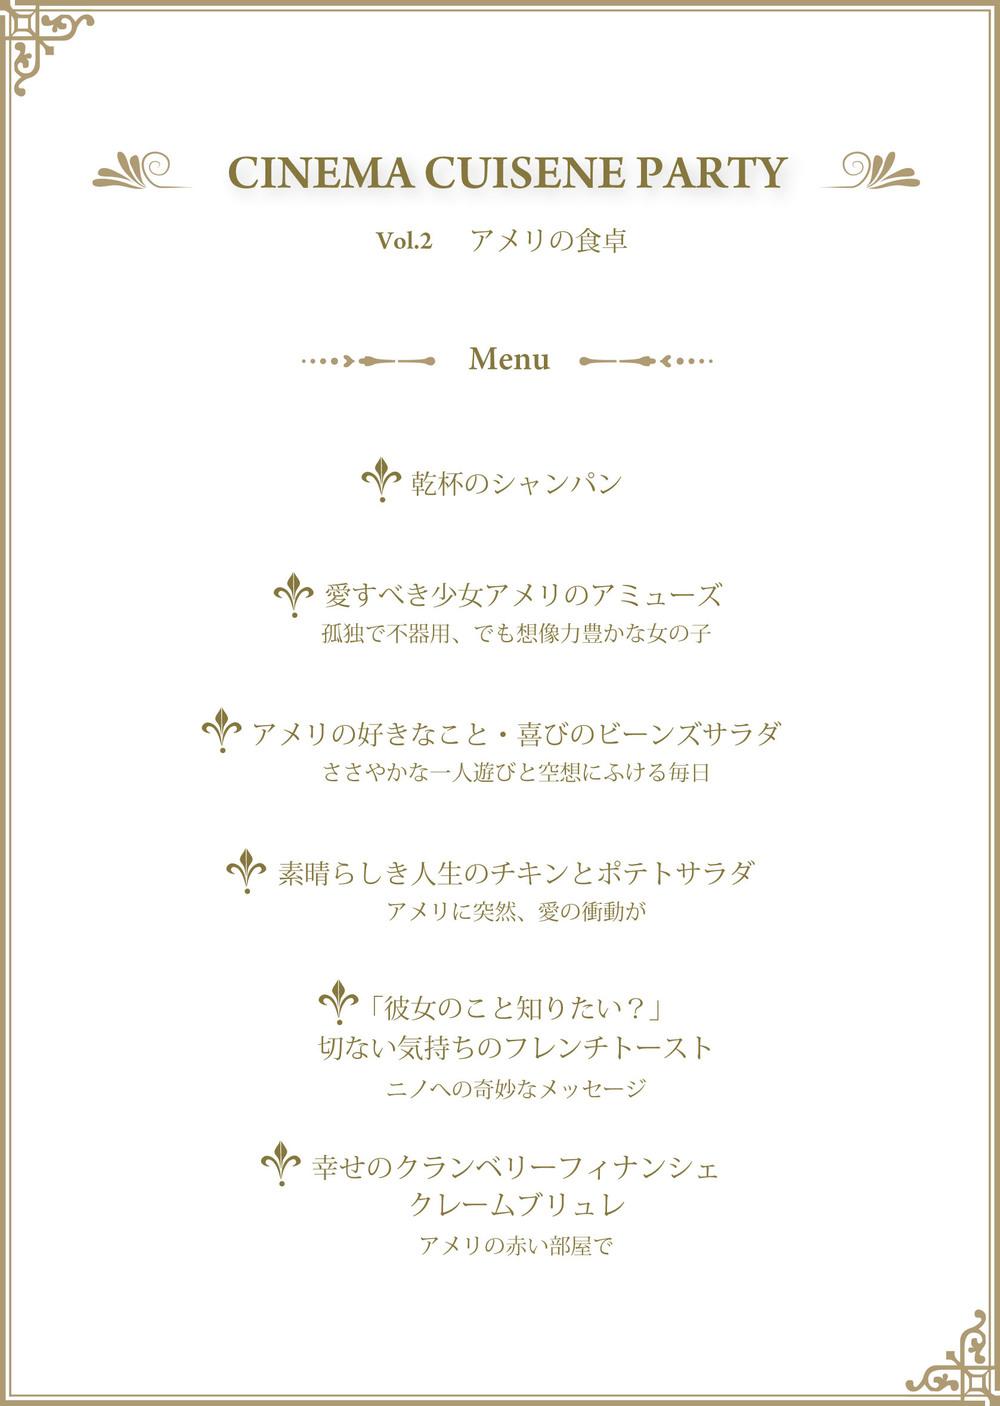 メニューA5.jpg